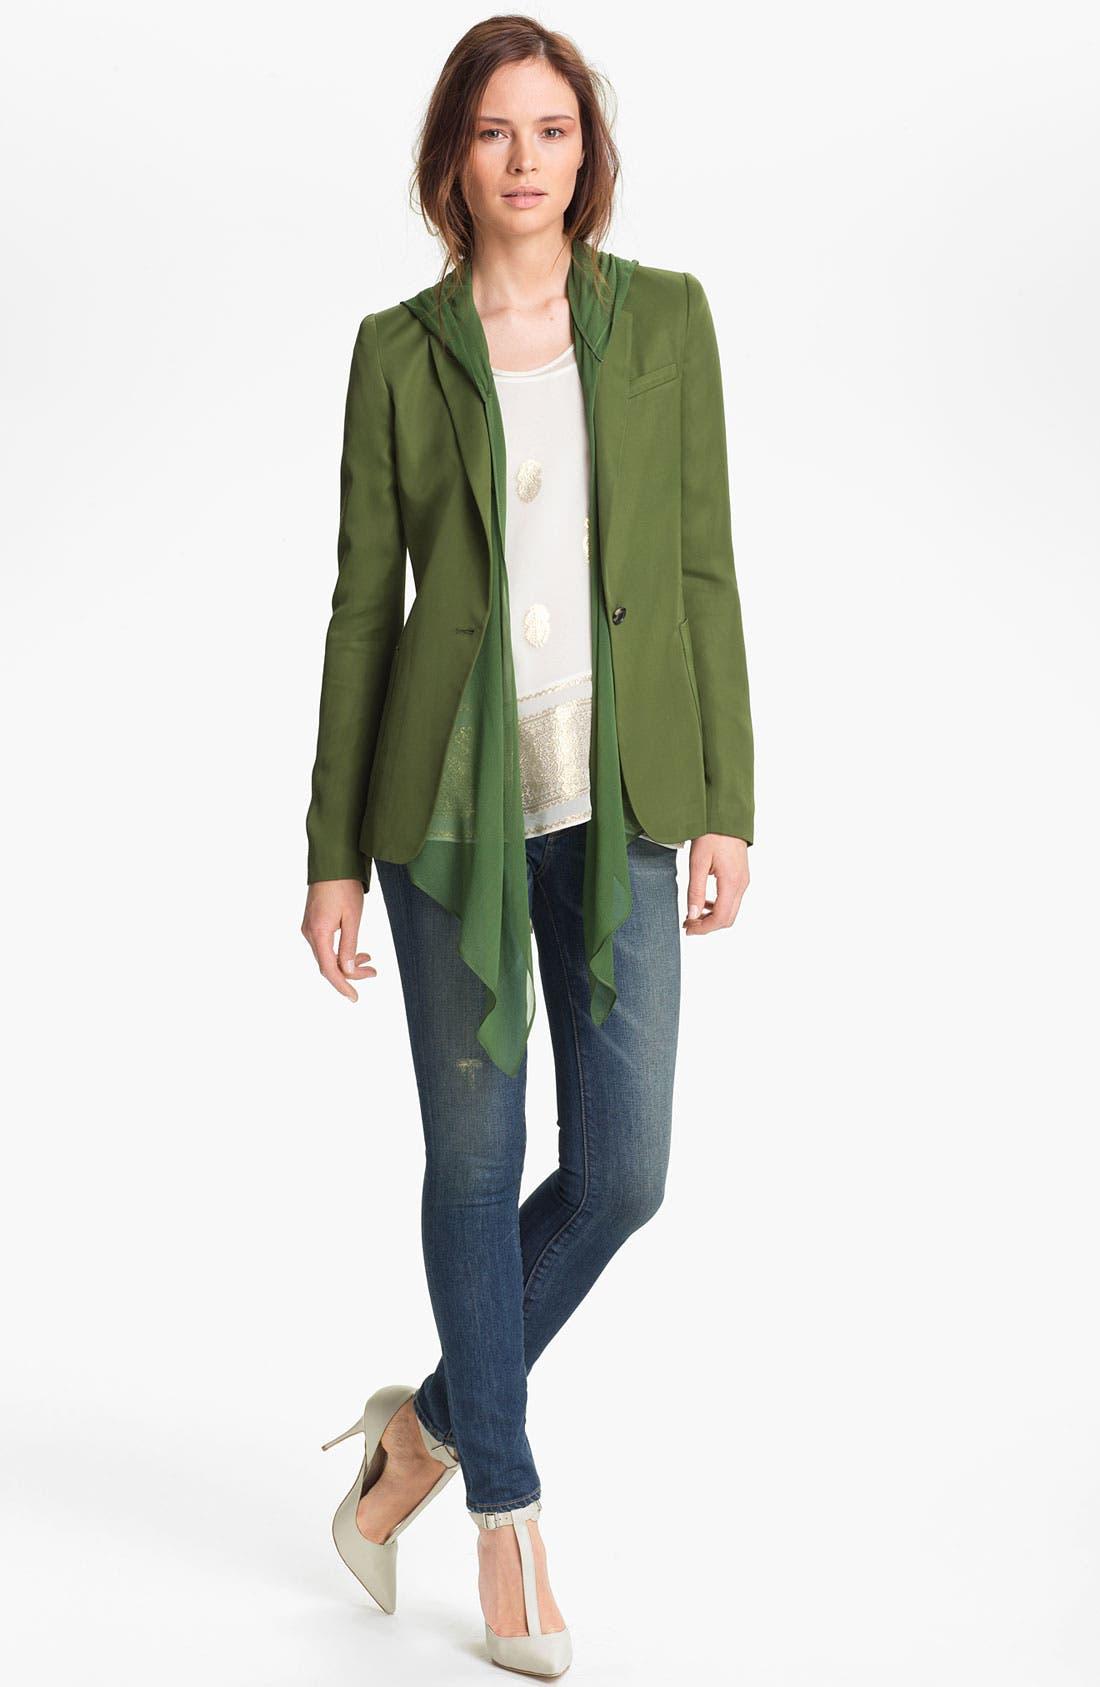 Alternate Image 1 Selected - Elizabeth and James 'Mona' Hooded Crepe Vest & Satin Jacket